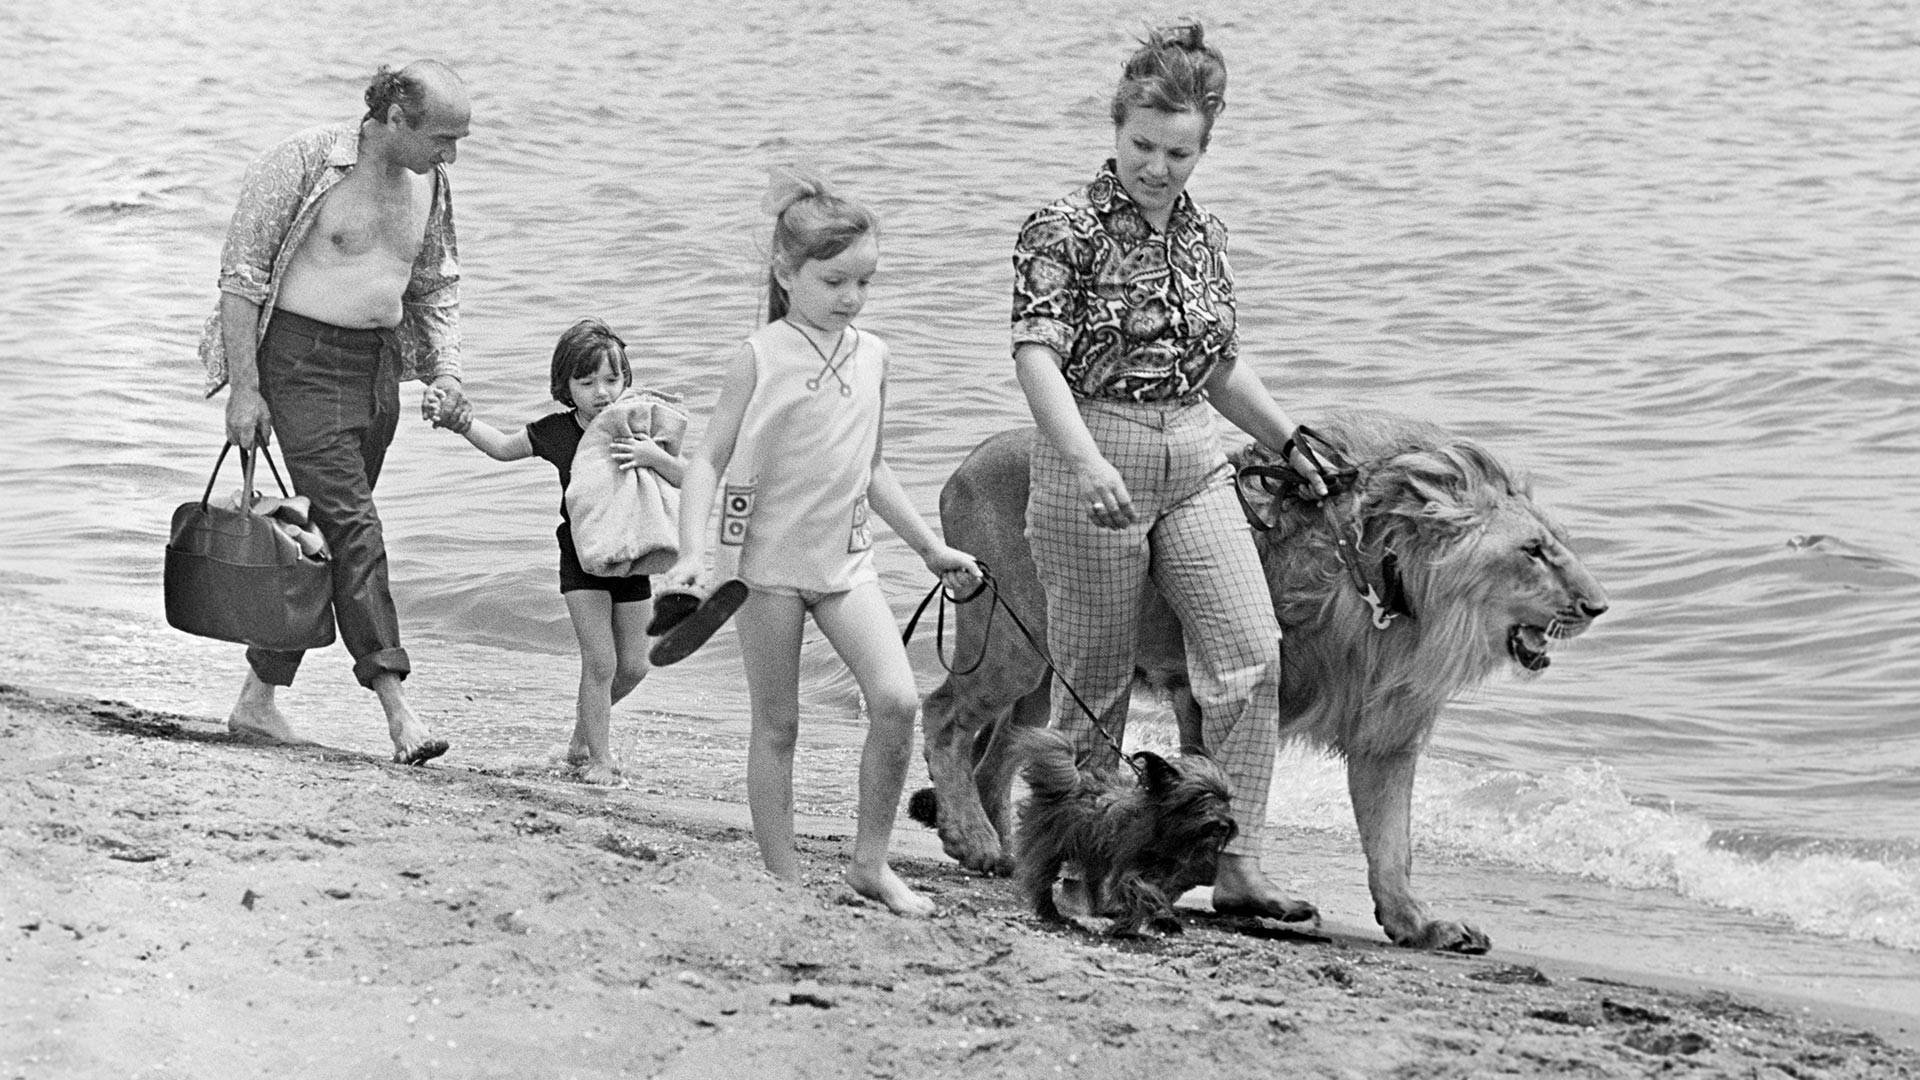 Il leone King con la famiglia Berberov durante una passeggiata in riva al mare, Baku